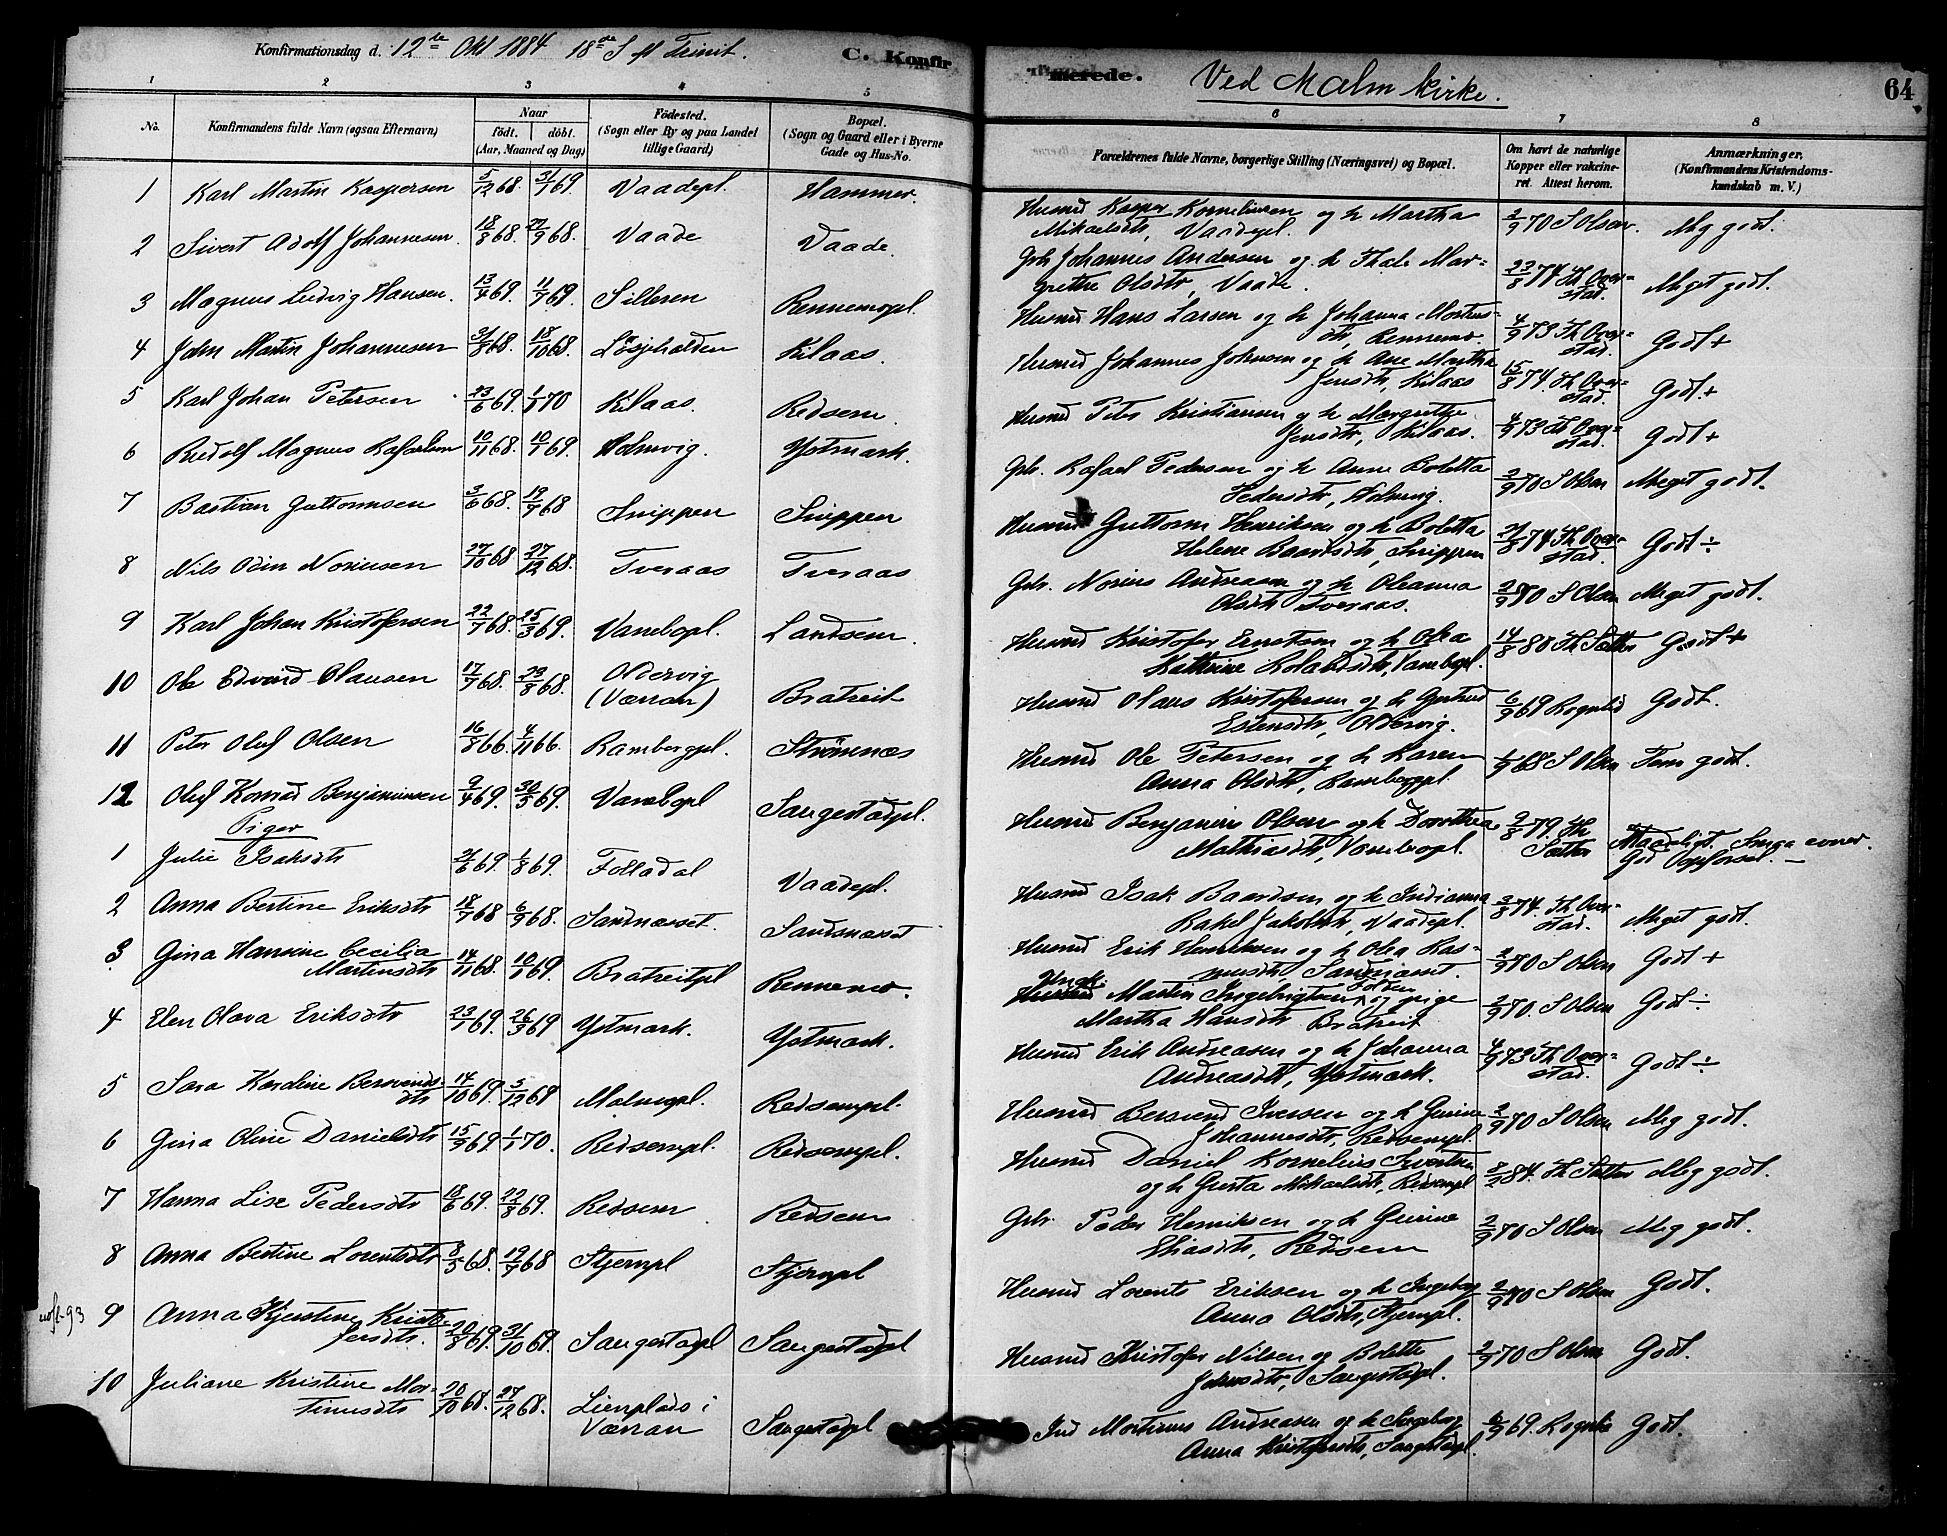 SAT, Ministerialprotokoller, klokkerbøker og fødselsregistre - Nord-Trøndelag, 745/L0429: Ministerialbok nr. 745A01, 1878-1894, s. 64